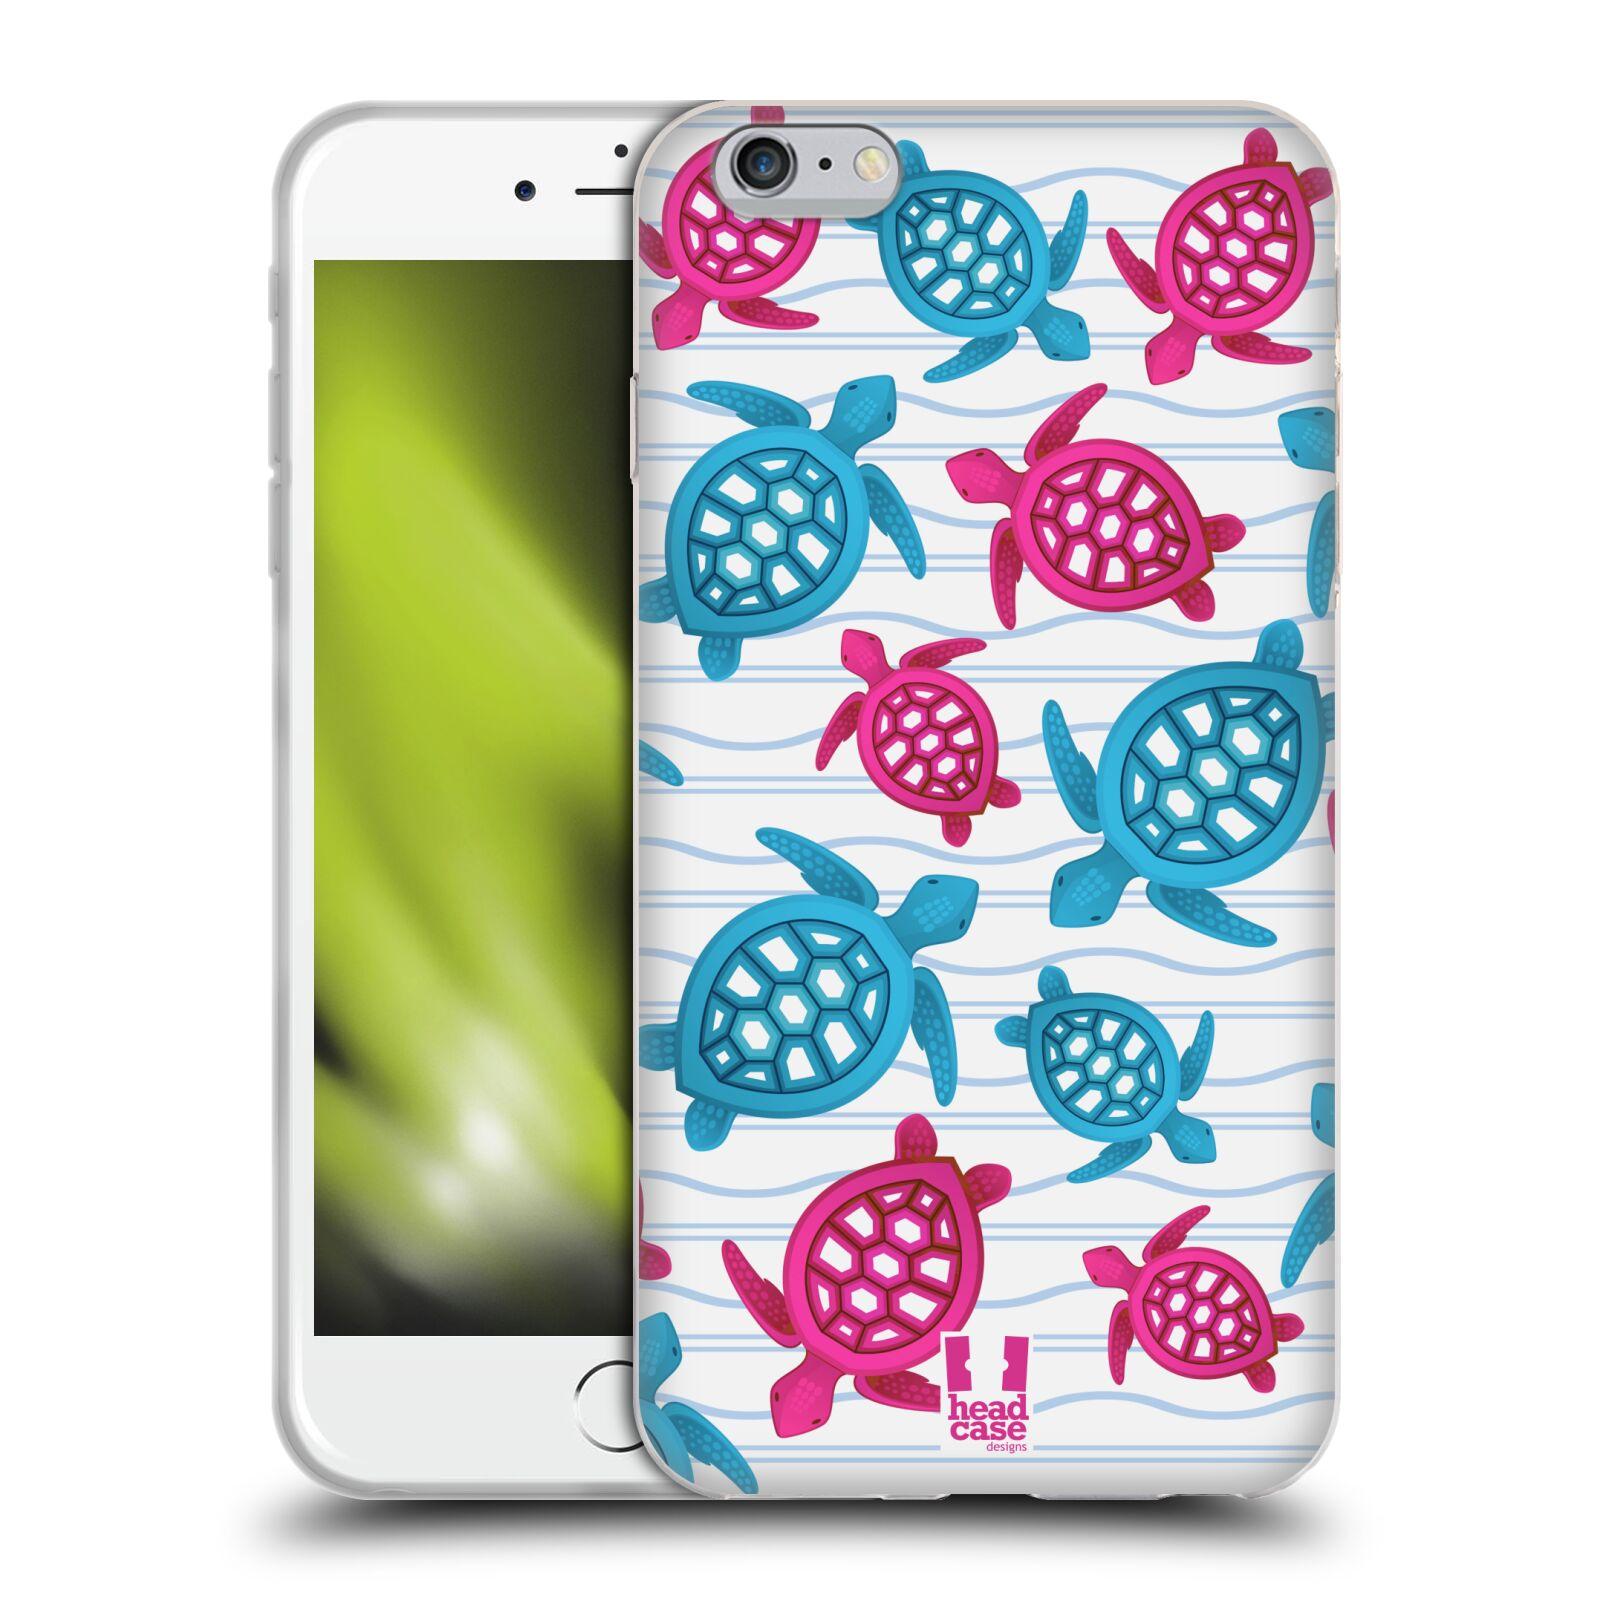 HEAD CASE silikonový obal na mobil Apple Iphone 6 PLUS/ 6S PLUS vzor mořský živočich želva modrá a růžová